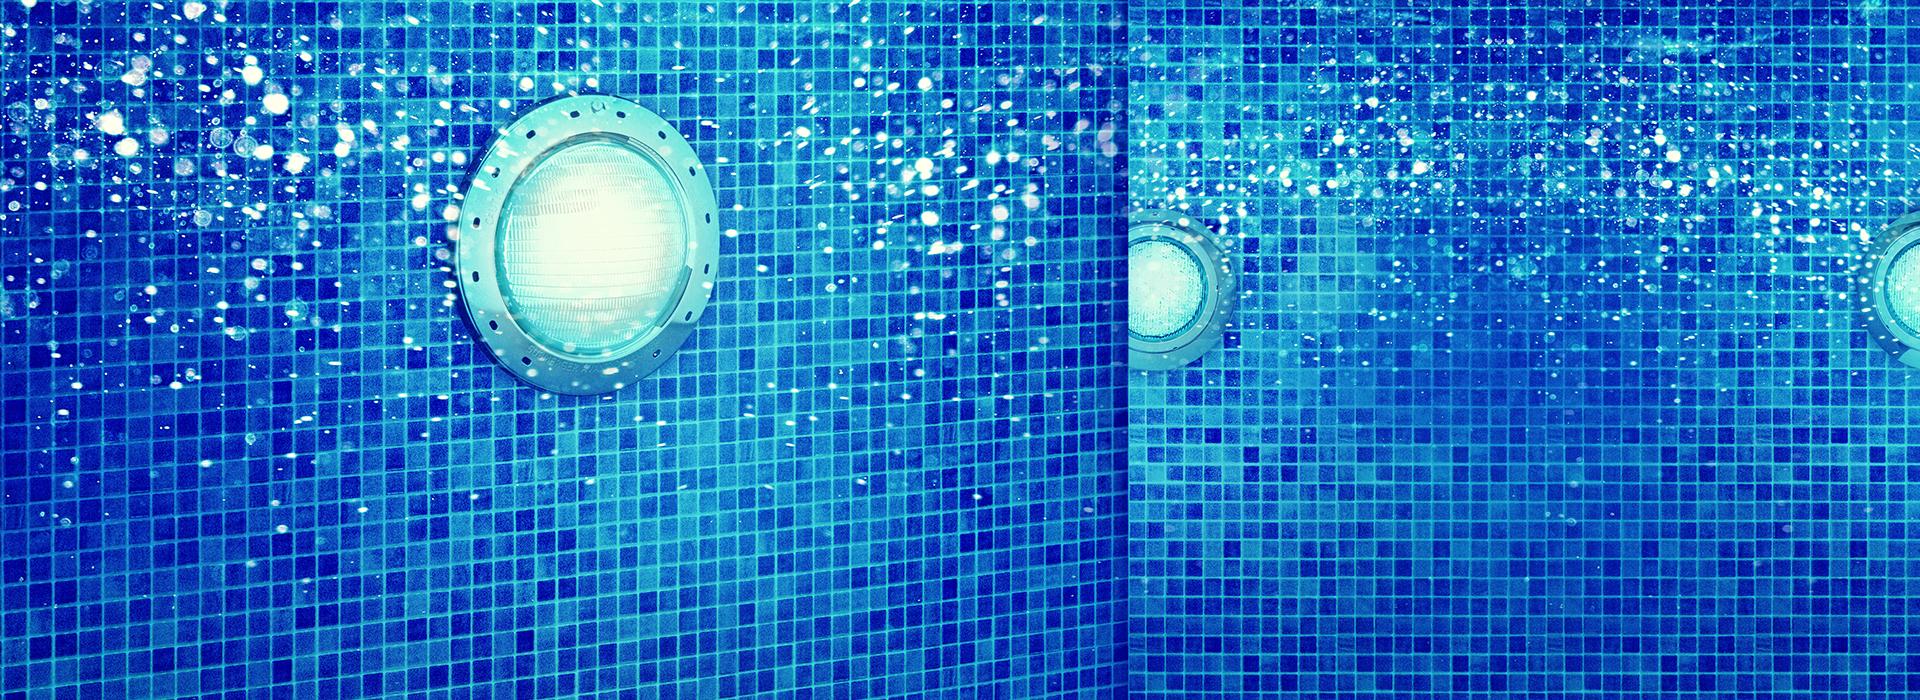 Konzeptgruppe_led_underwater